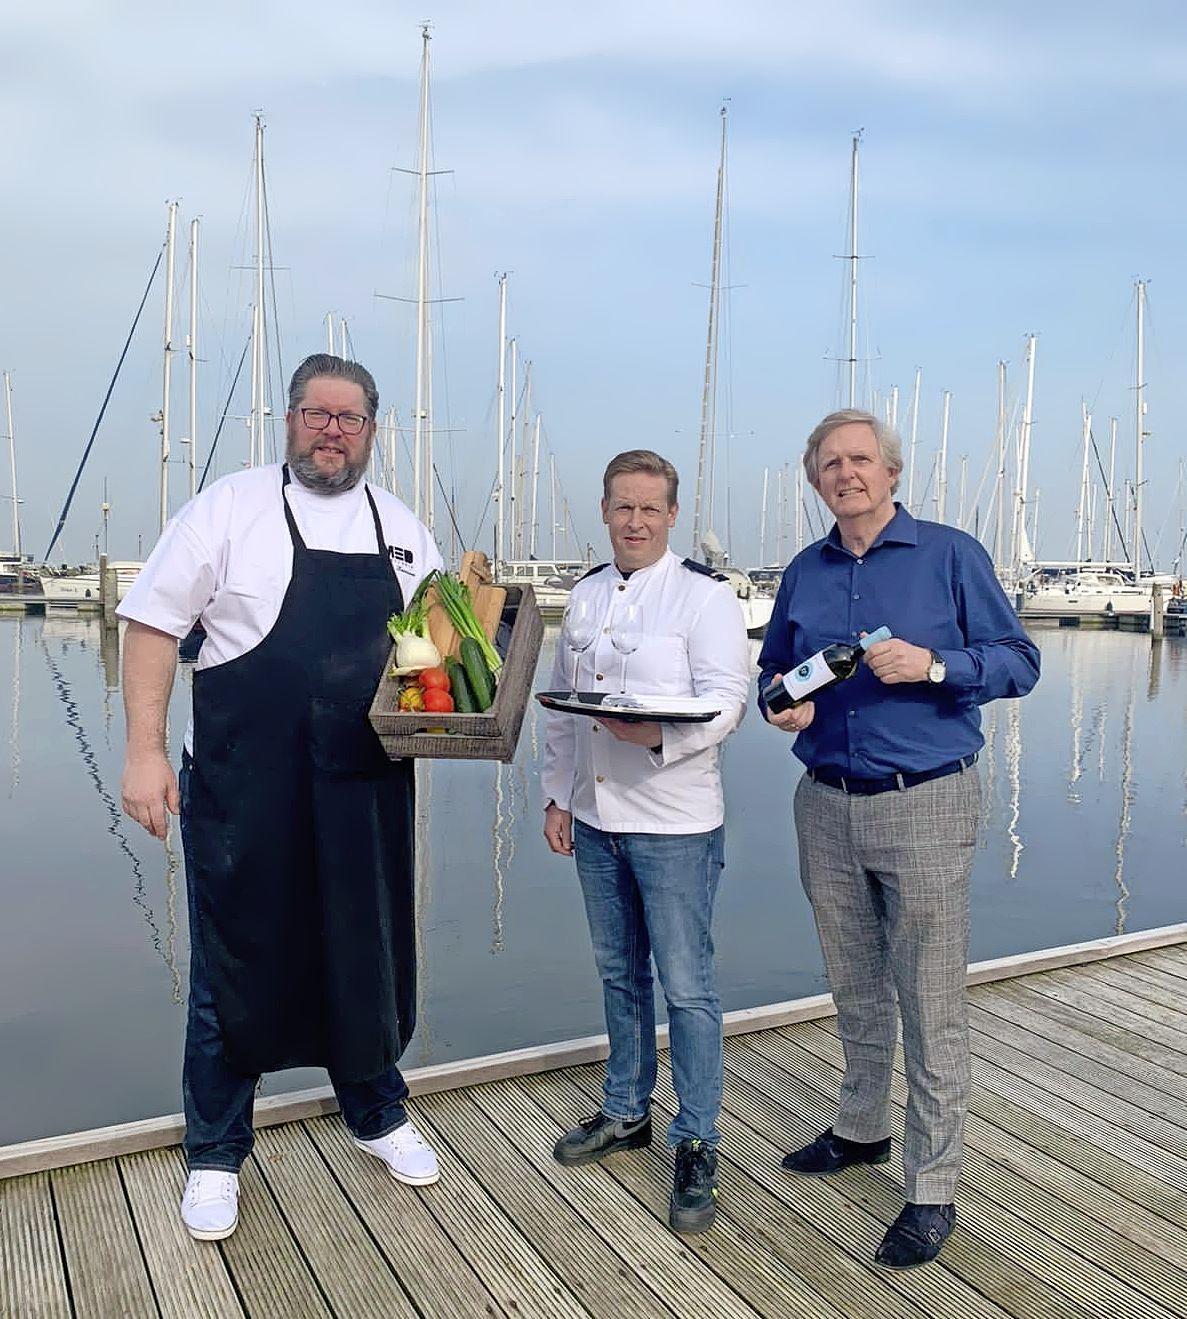 Het servies op tafel, kaarsjes aan en smullen maar. In de jachthaven van Medemblik kan vanaf vrijdag aan boord gegeten worden. MED Trattoria biedt met havenrestaurant service tot aan de steiger